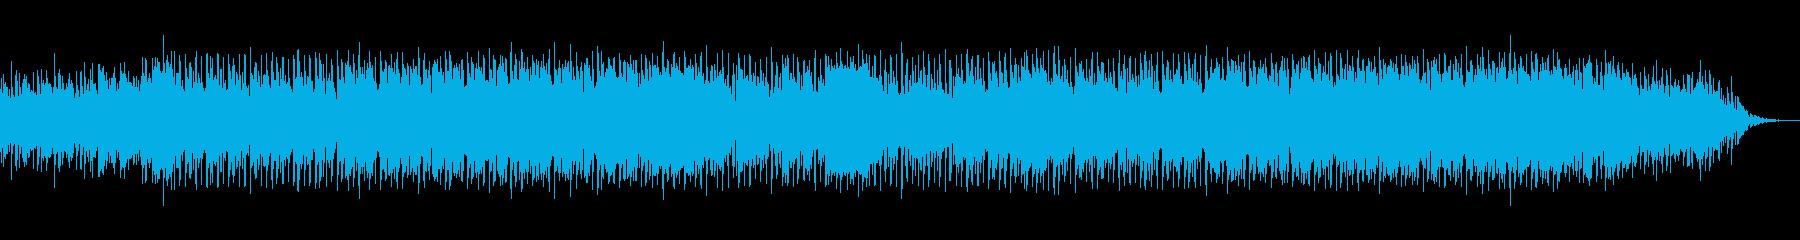 かっこいいスピード感のポップの再生済みの波形